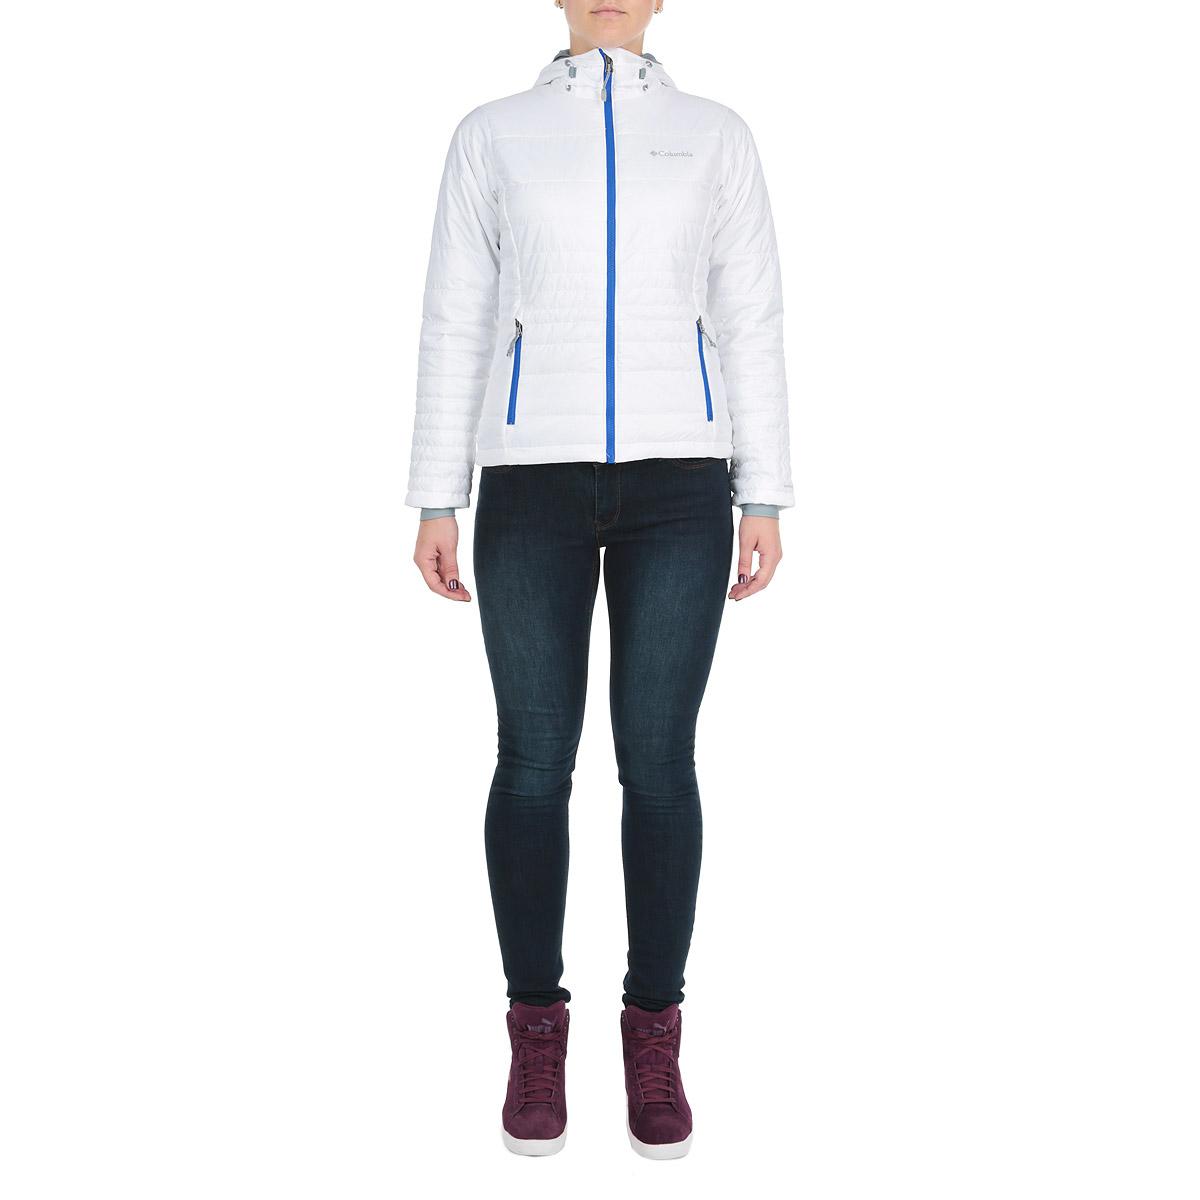 Куртка женская. WL5435-101WL5435-101Утепленная куртка Columbia Go To - прекрасный вариант для активного отдыха и путешествий. Куртка обеспечит комфорт во время коротких прогулок по городу и походов, которые подразумевают длительное нахождение на улице. Уникальная технология терморегуляции Omni-Heat Reflective позволяет отражать, а также сохранять собственное тепло человека, отводя лишнее тепло и влагу. Модель выполнена из 100% полиэстера, обработанного водоотталкивающей пропиткой, застегивается на застежку-молнию. Регулируемый капюшон с планкой и эластичные манжеты станут дополнительной защитой от ветра и холода. Для хранения небольших предметов предусмотрены два боковых и внутренний карманы на молнии. Идеальный вариант для создания комфортного и стильного образа.